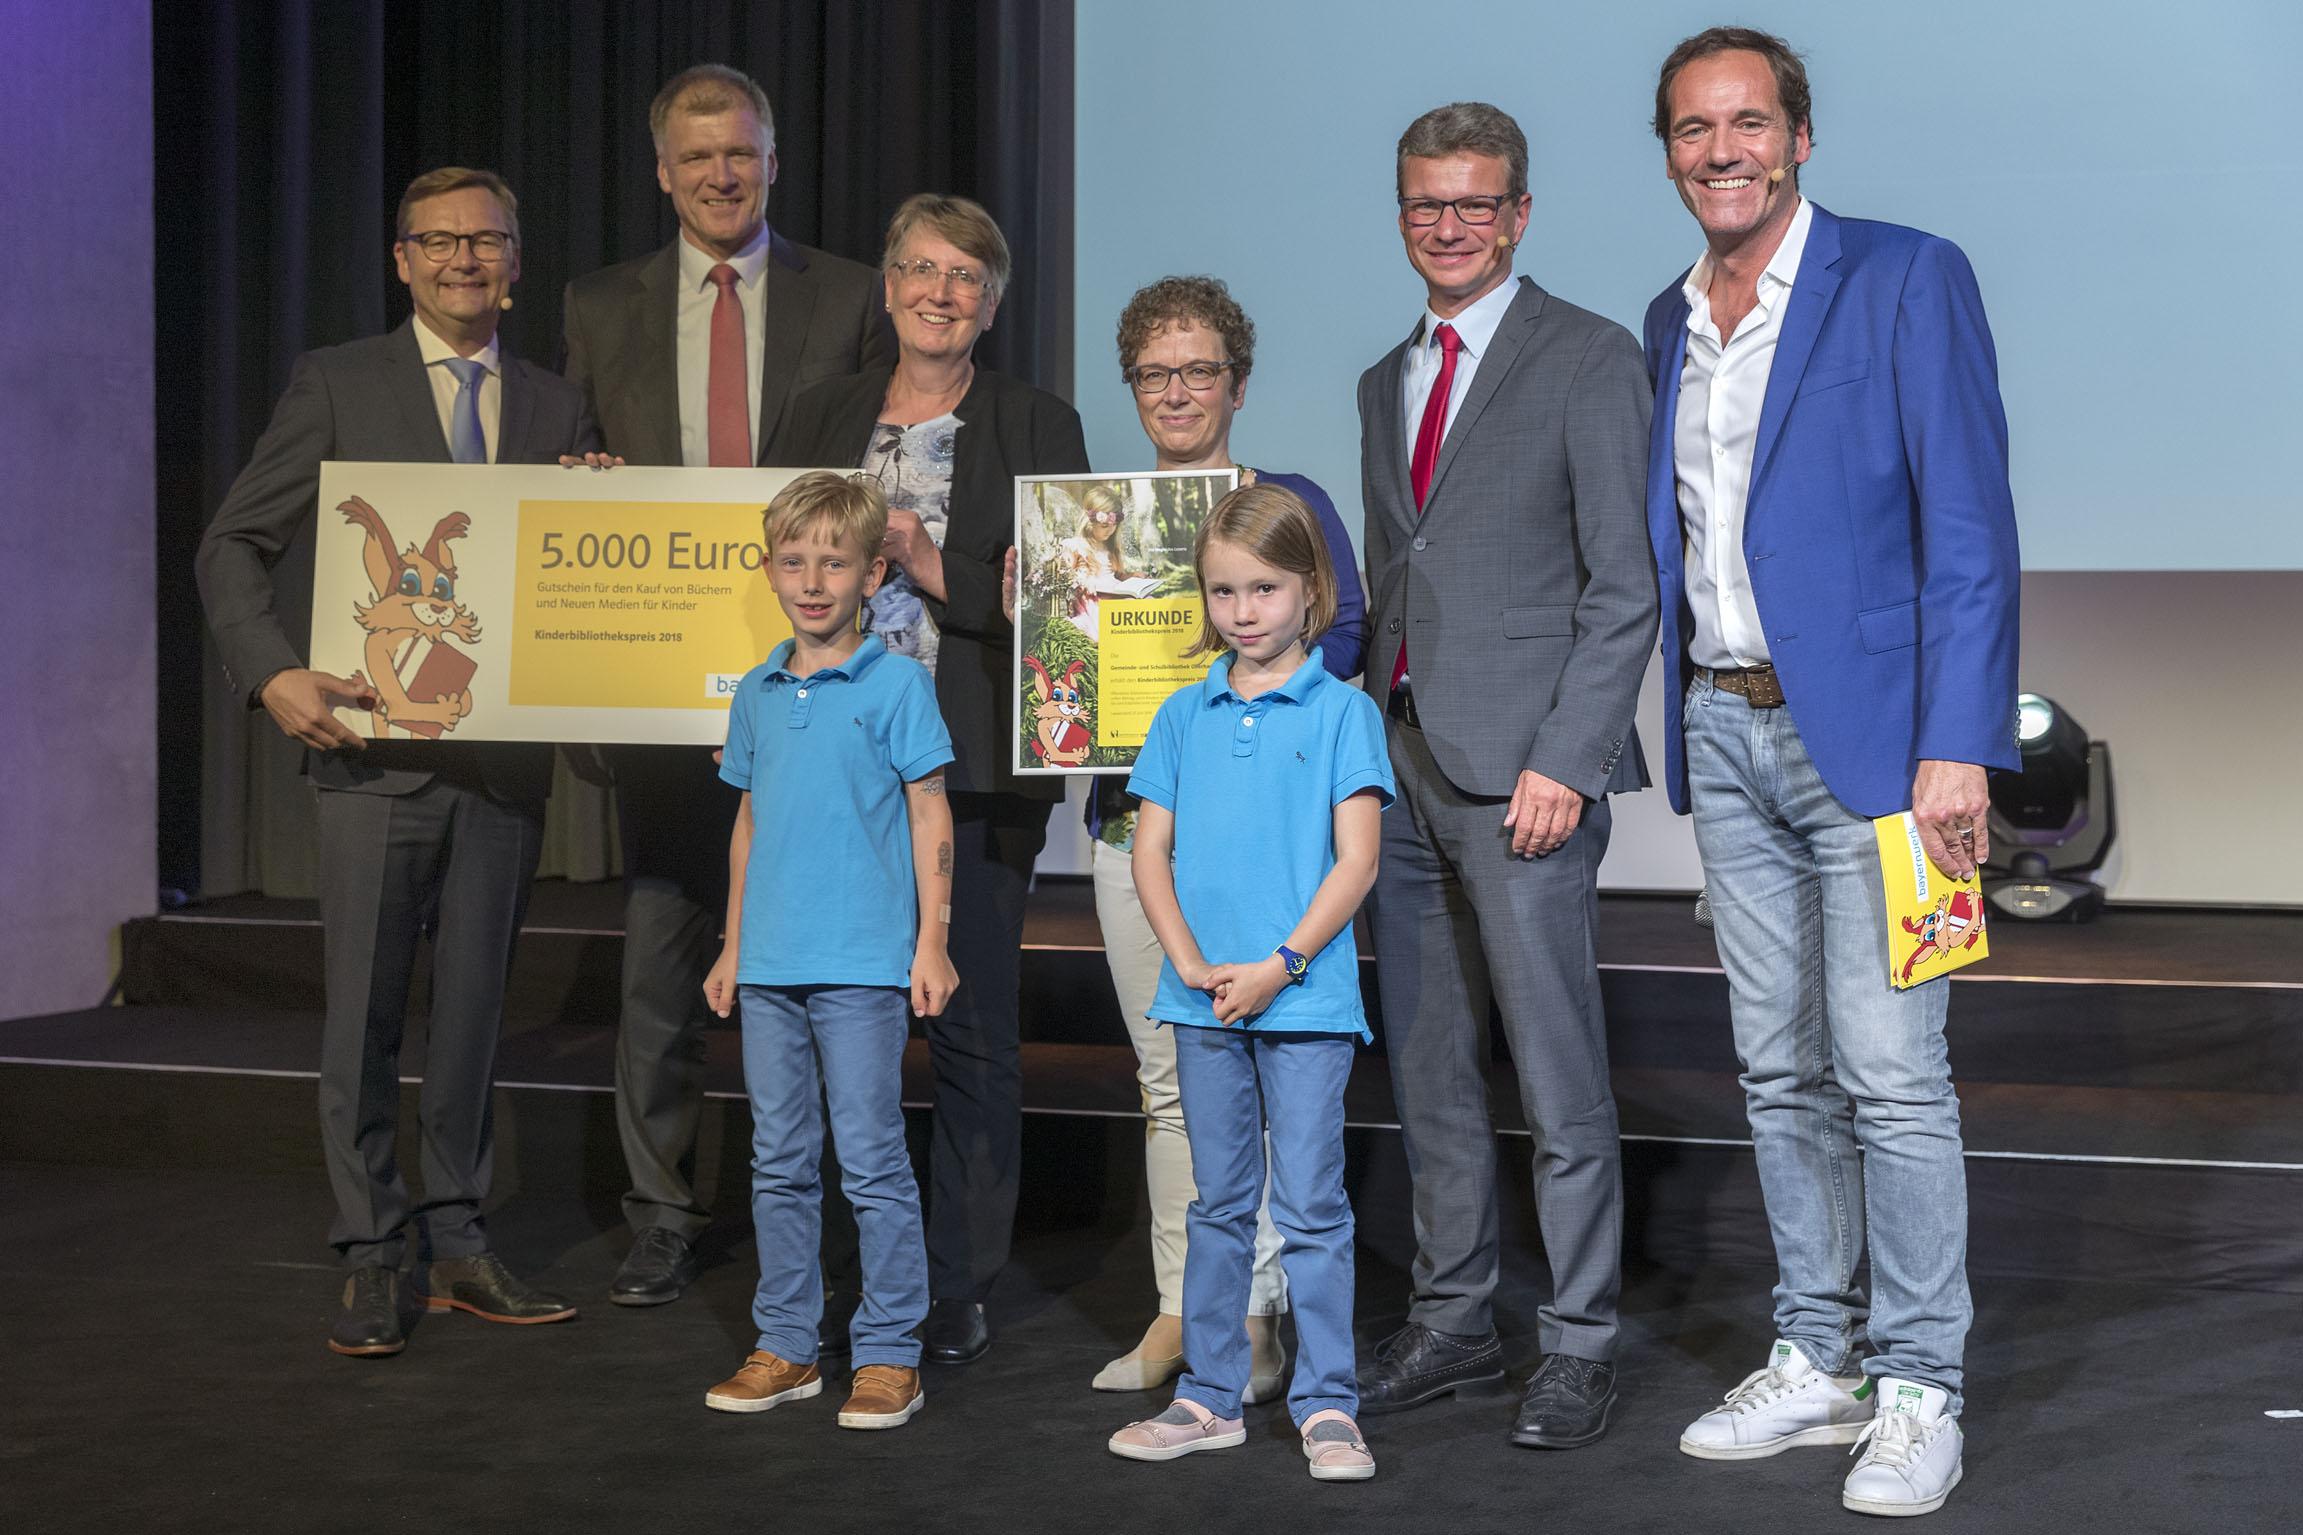 Verleihung Kinderbibliothekspreis 2018 Gemeinde- und Schulbibliothek Oberhaching Bayernwerk AG Aurelium Lappersdorf Foto: altrofoto.de